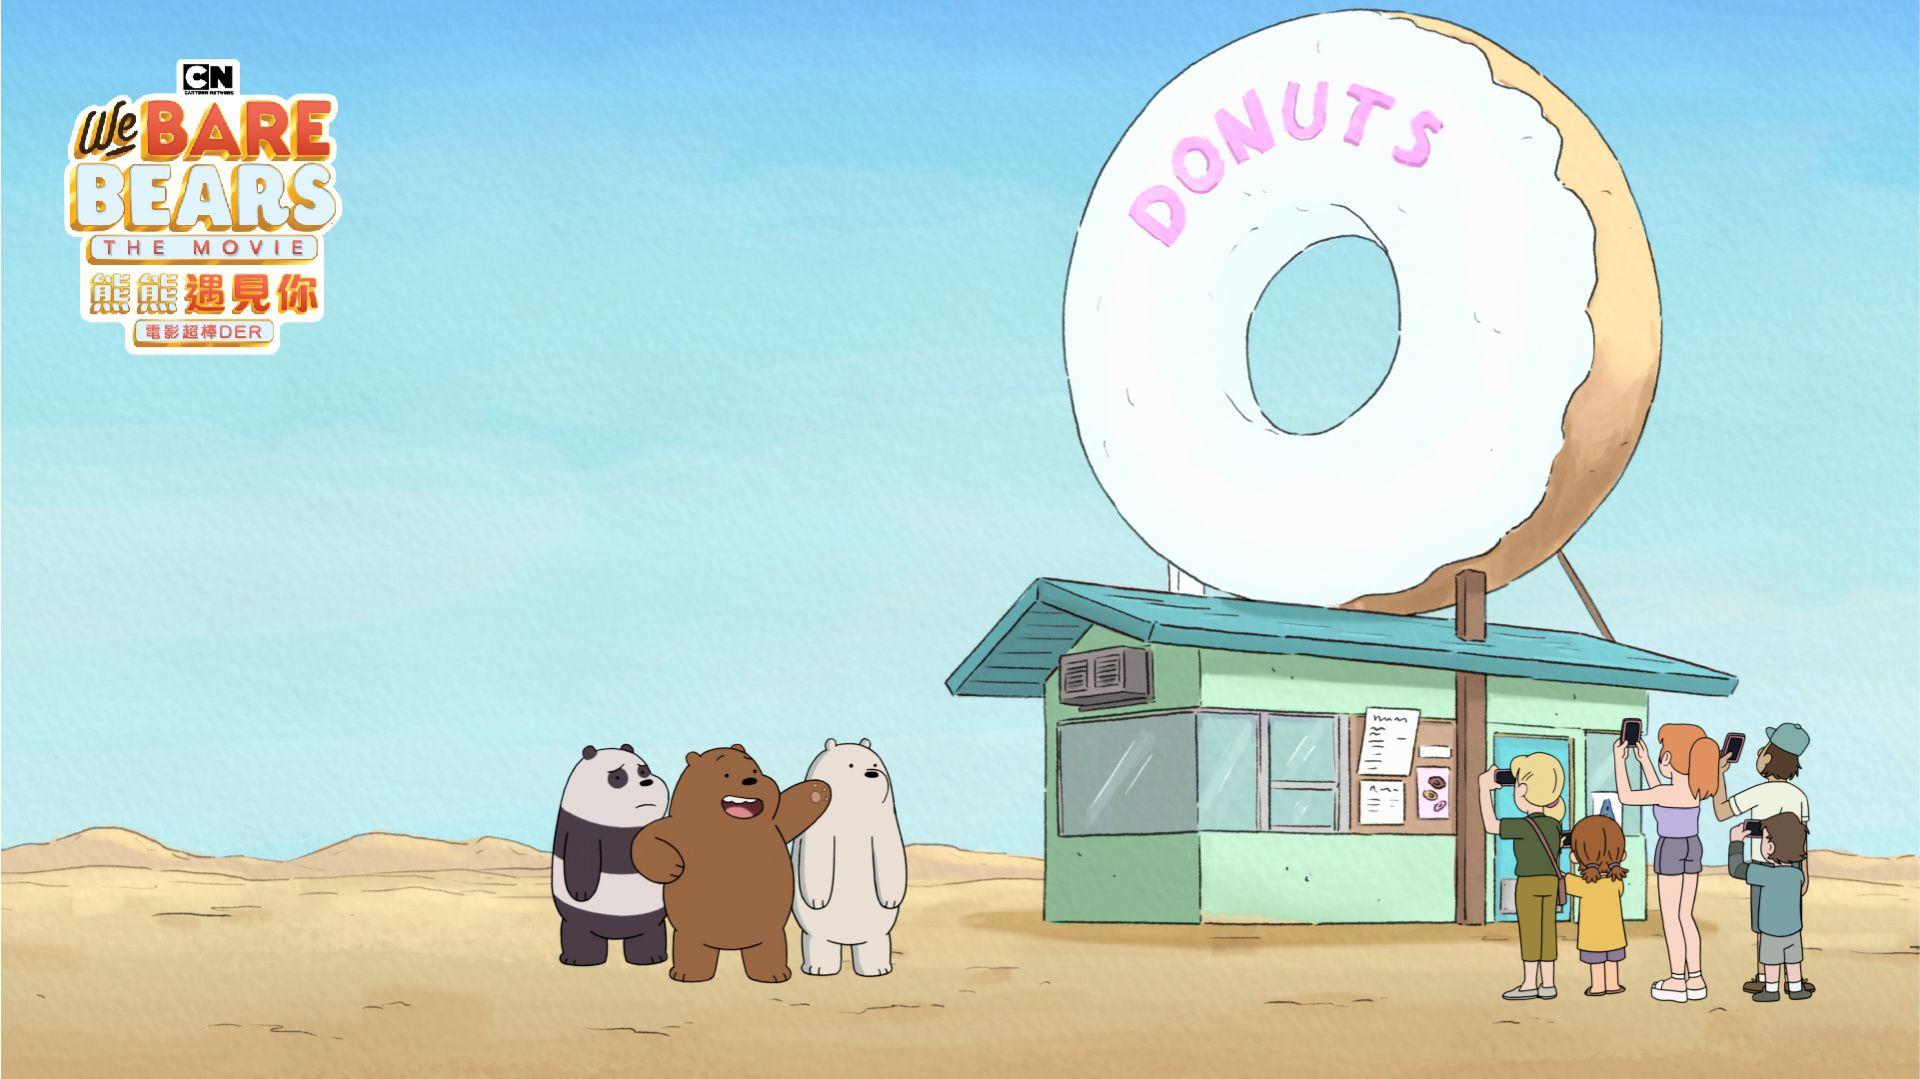 《熊熊遇見你電影超棒DER》劇照